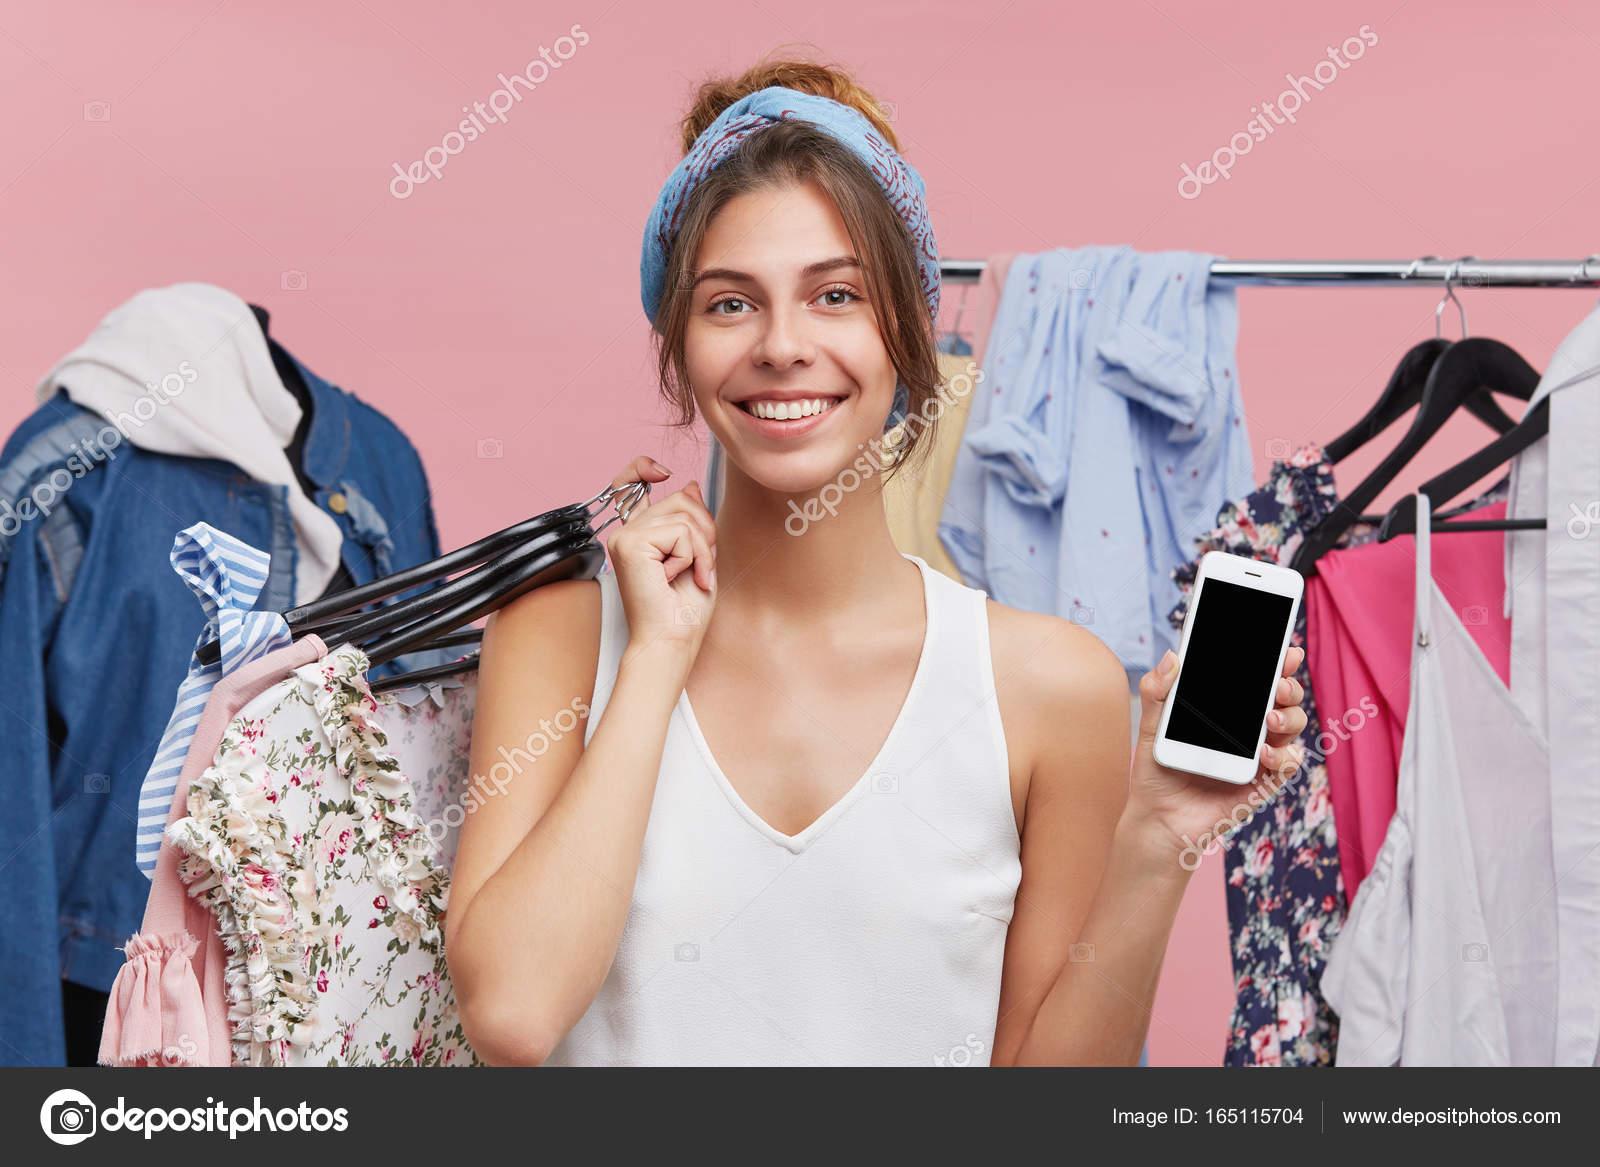 Розничная торговля, продажа, потребительства и концепции современной  технологии. Портрет очаровательный молодой женщины стоя на стойку с модной  одежды, ... 0e44c741261